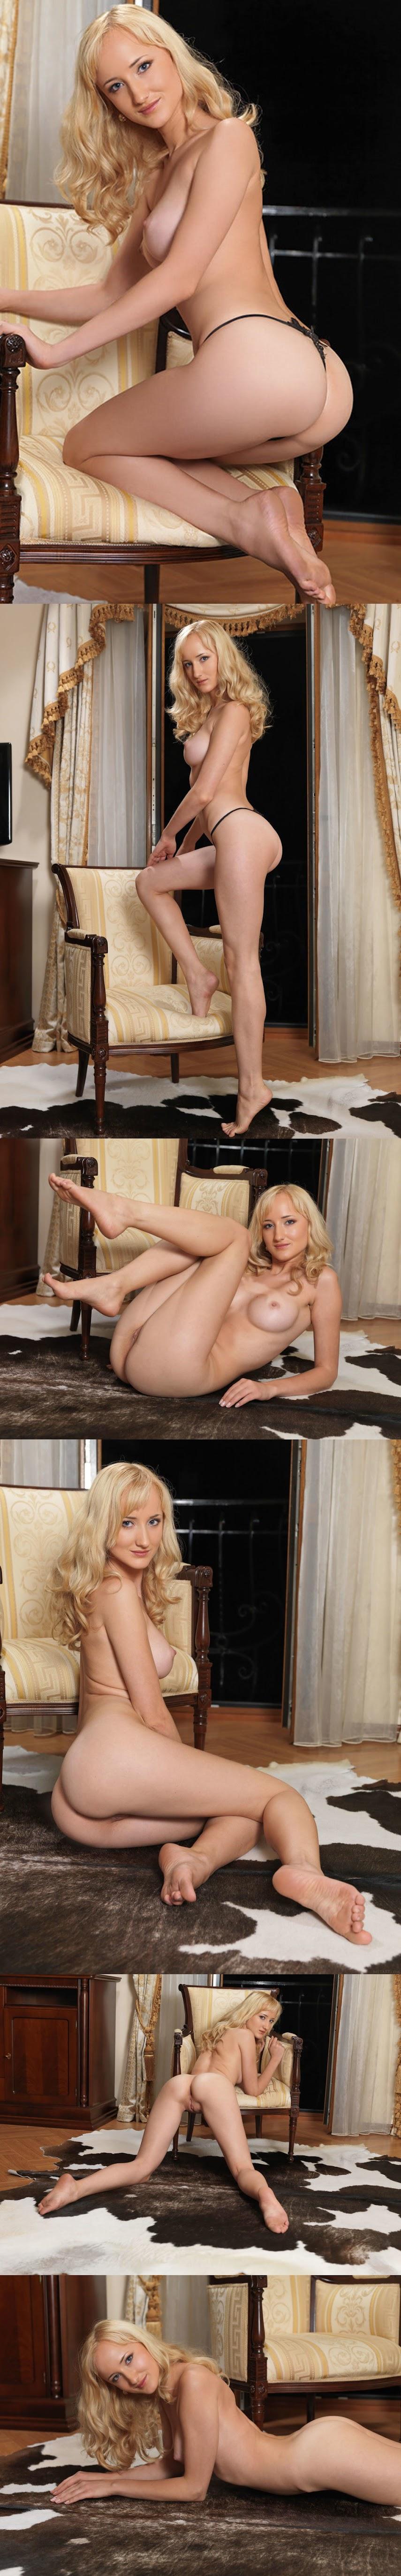 met-art  - 2014-04-01 amelie b - vedibile  x120  3840x5760 sexy girls image jav